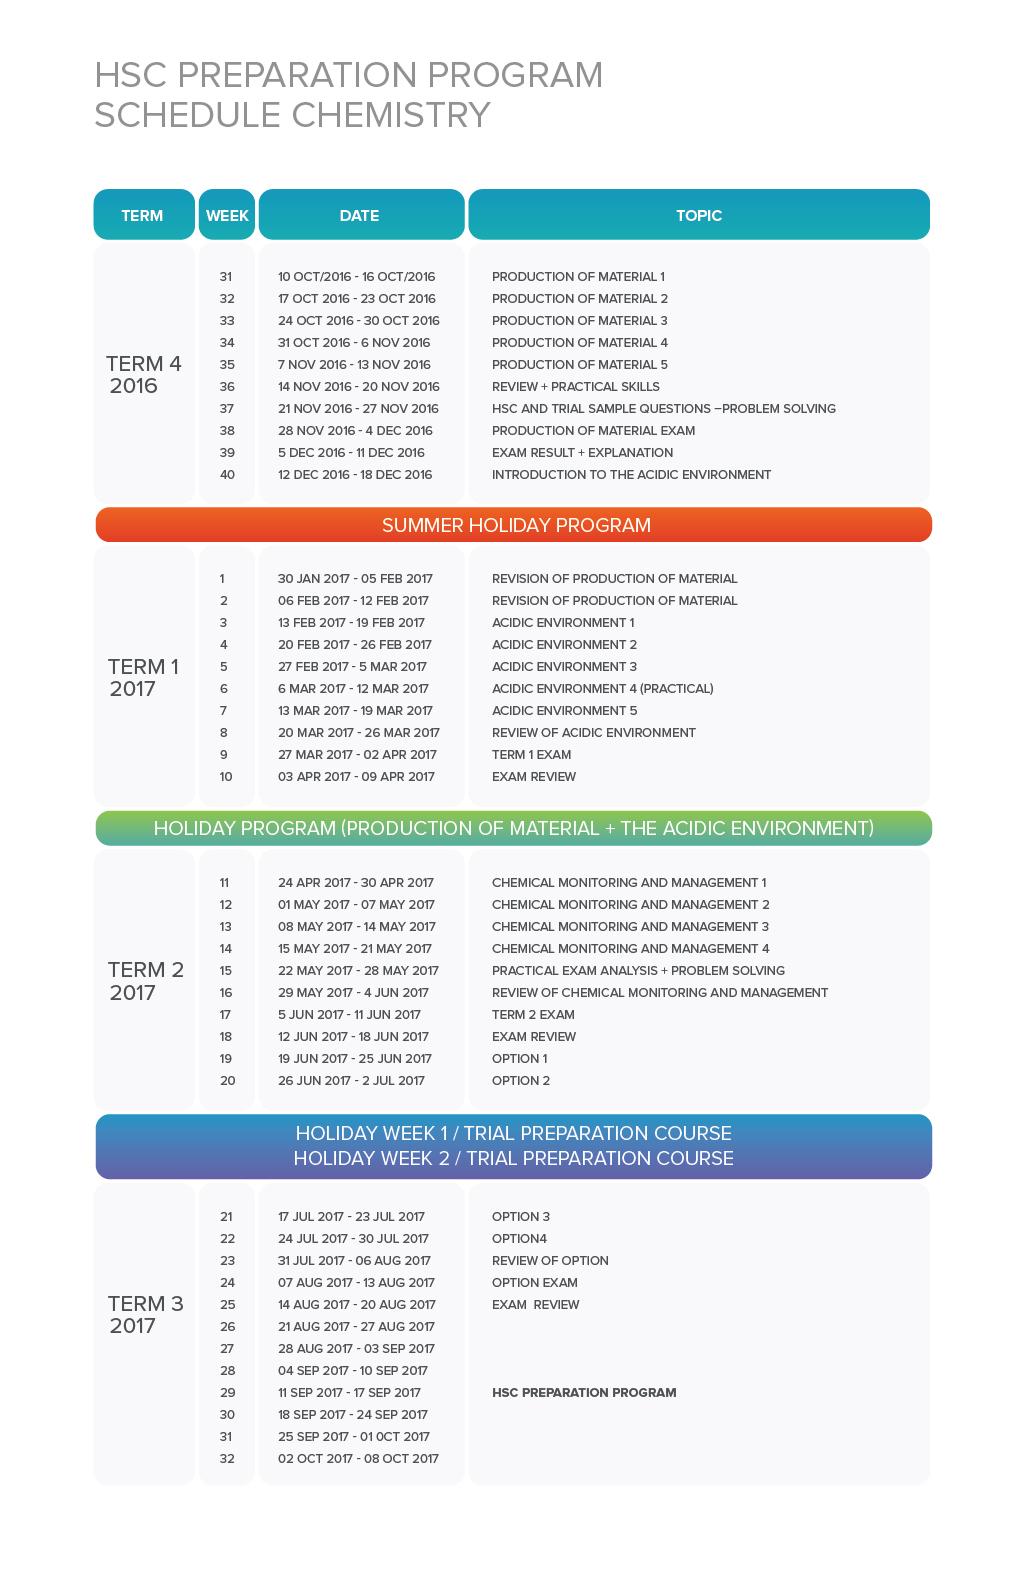 ik-schedule_5